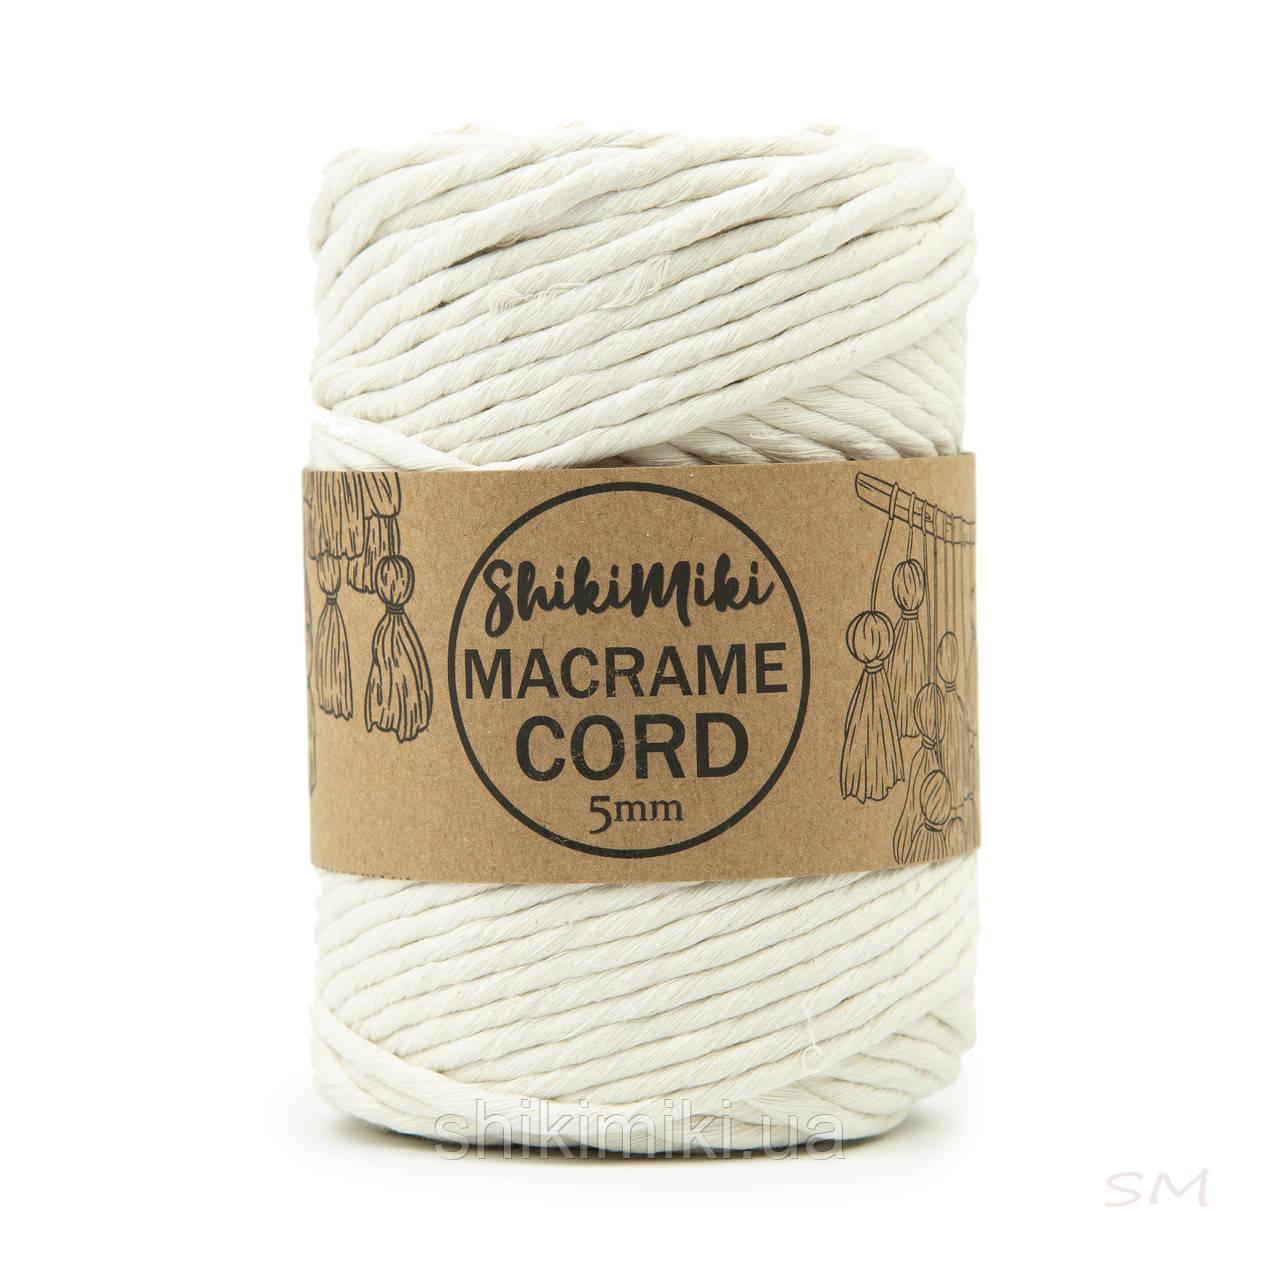 Еко шнур Macrame Cord 5 mm, колір Молочний